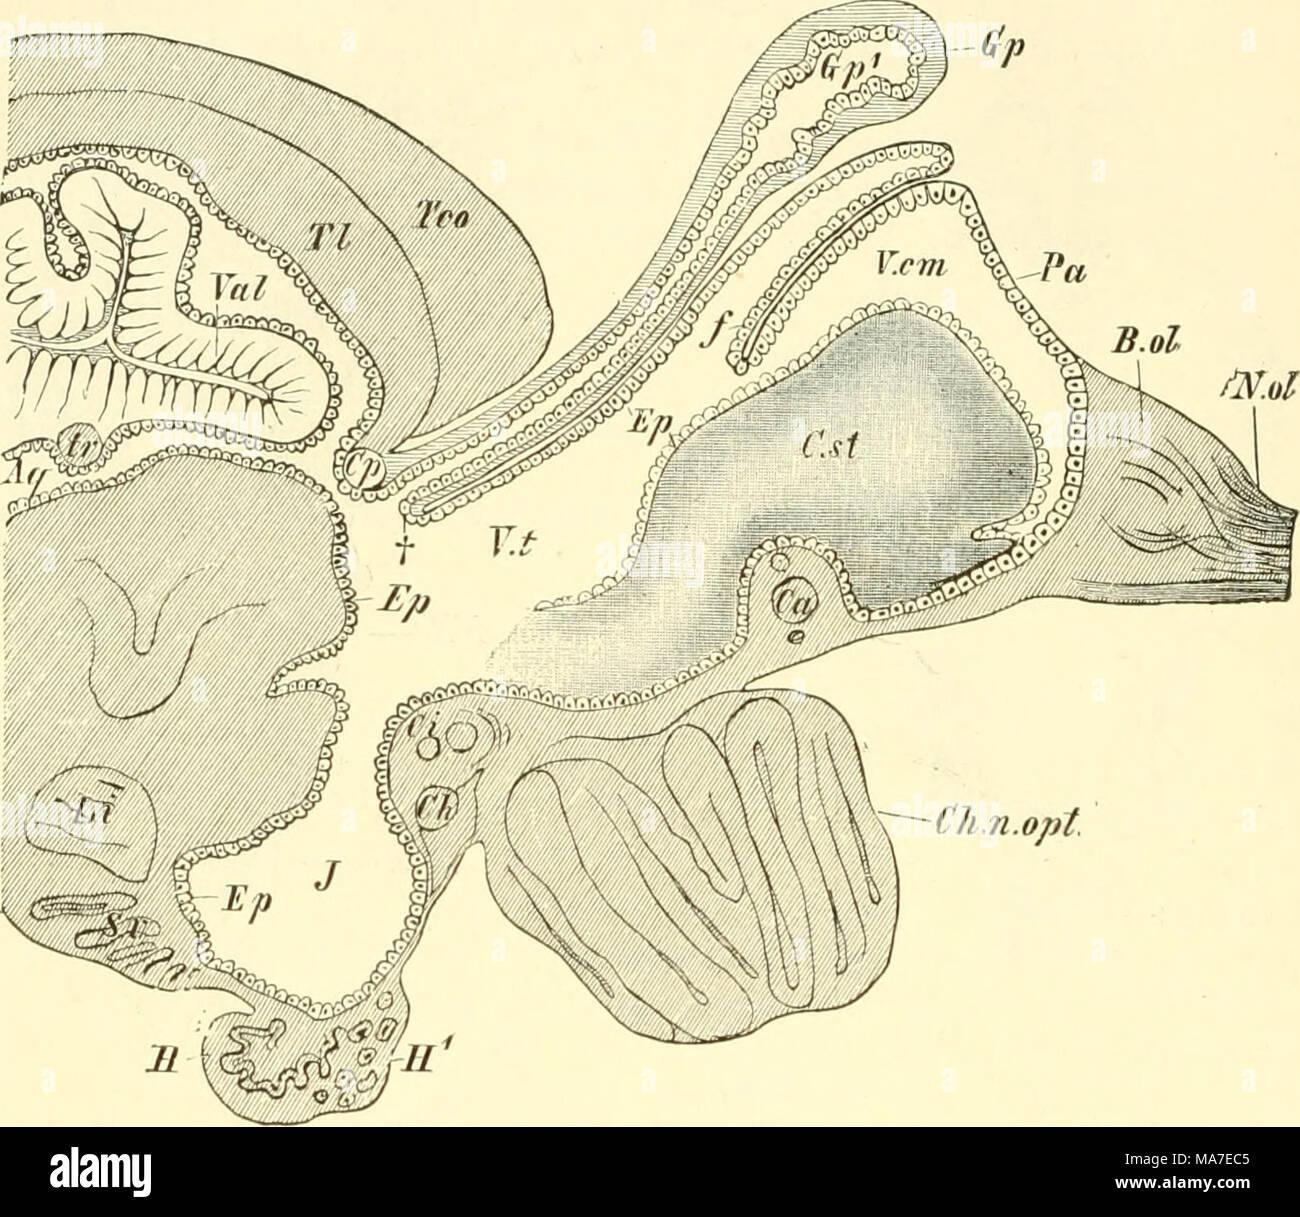 Ziemlich Vergleichende Anatomie Der Tiere Ideen - Menschliche ...